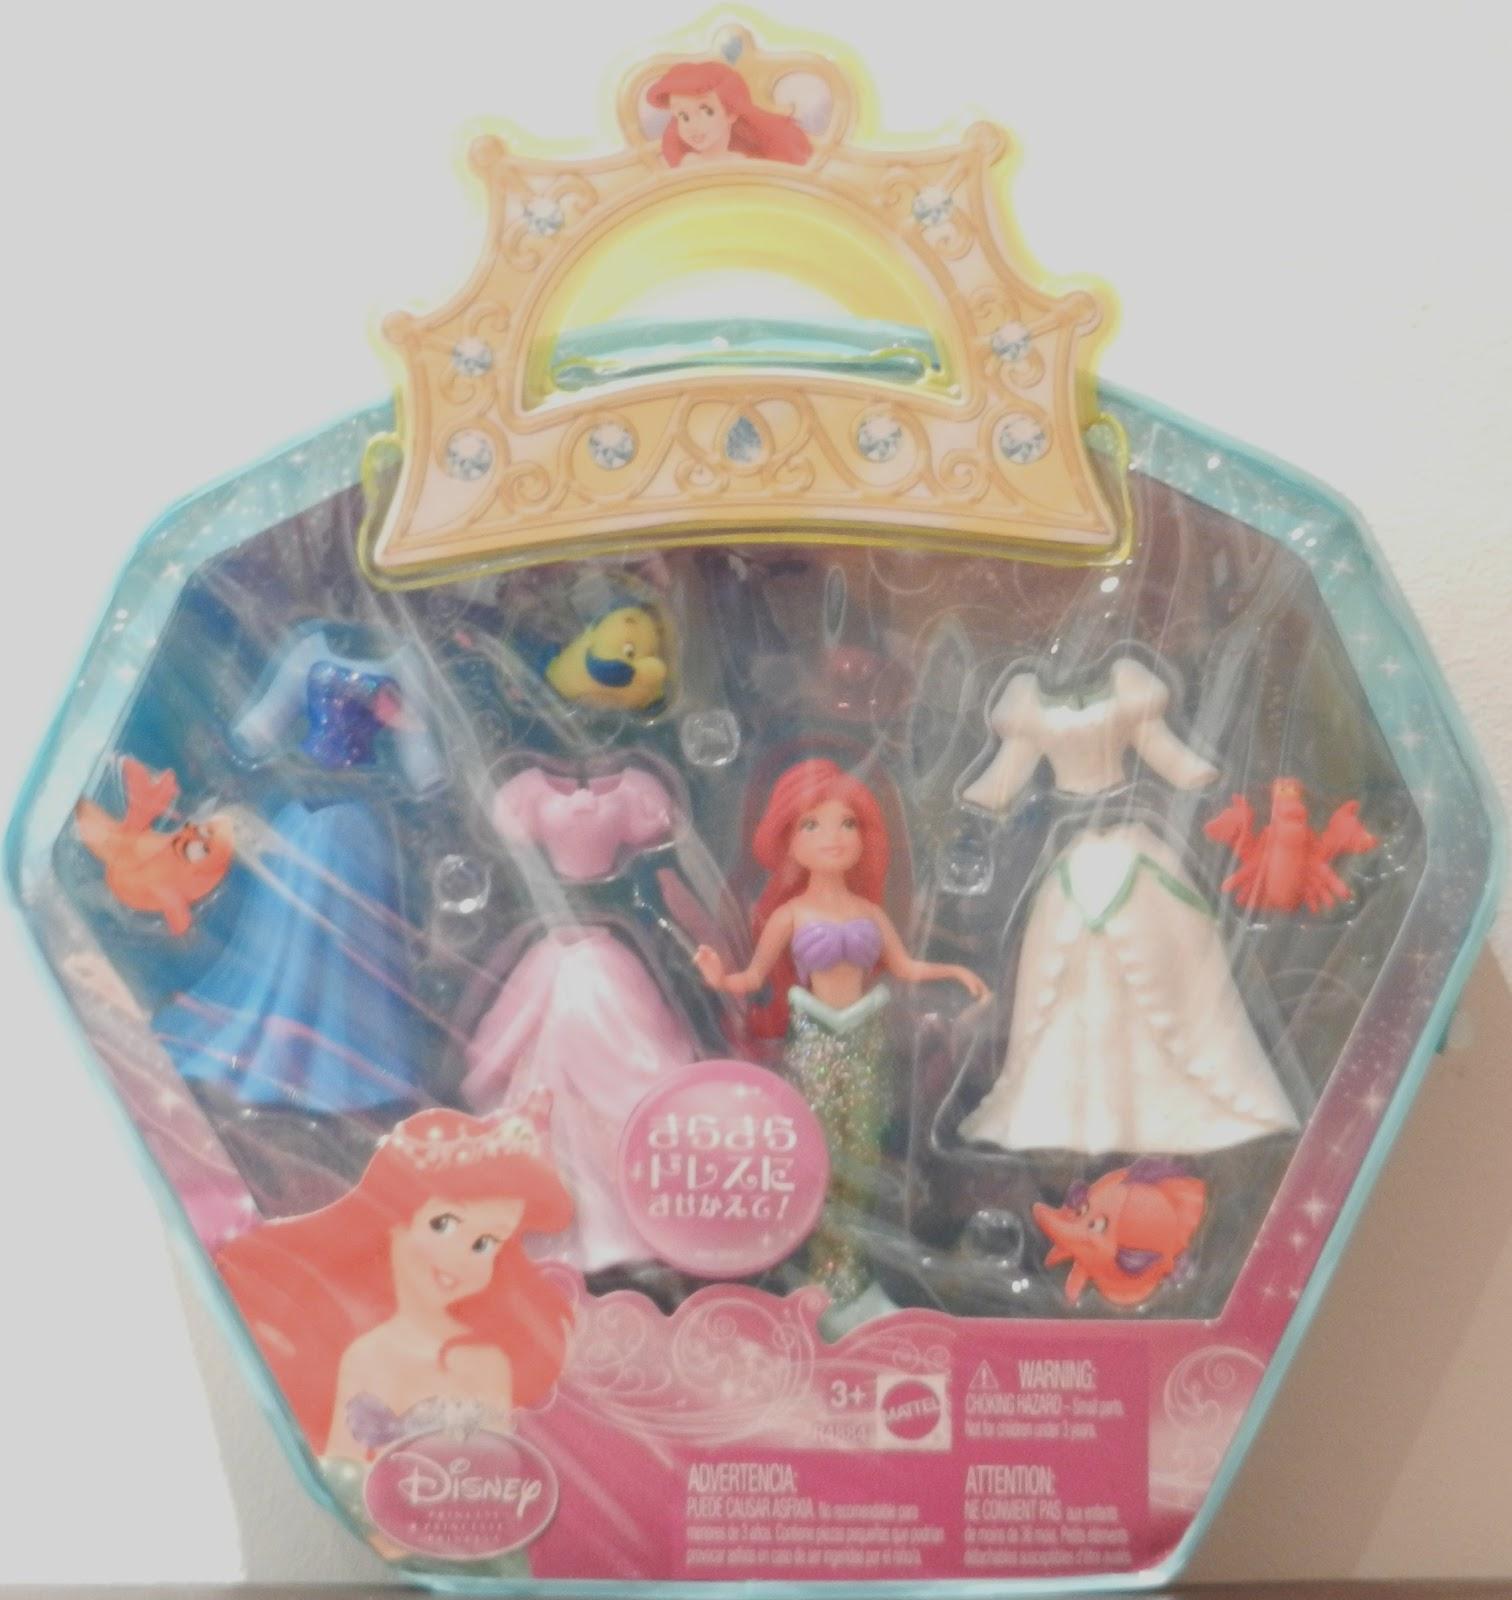 piggy bank toys disney princess ranges at pbt. Black Bedroom Furniture Sets. Home Design Ideas